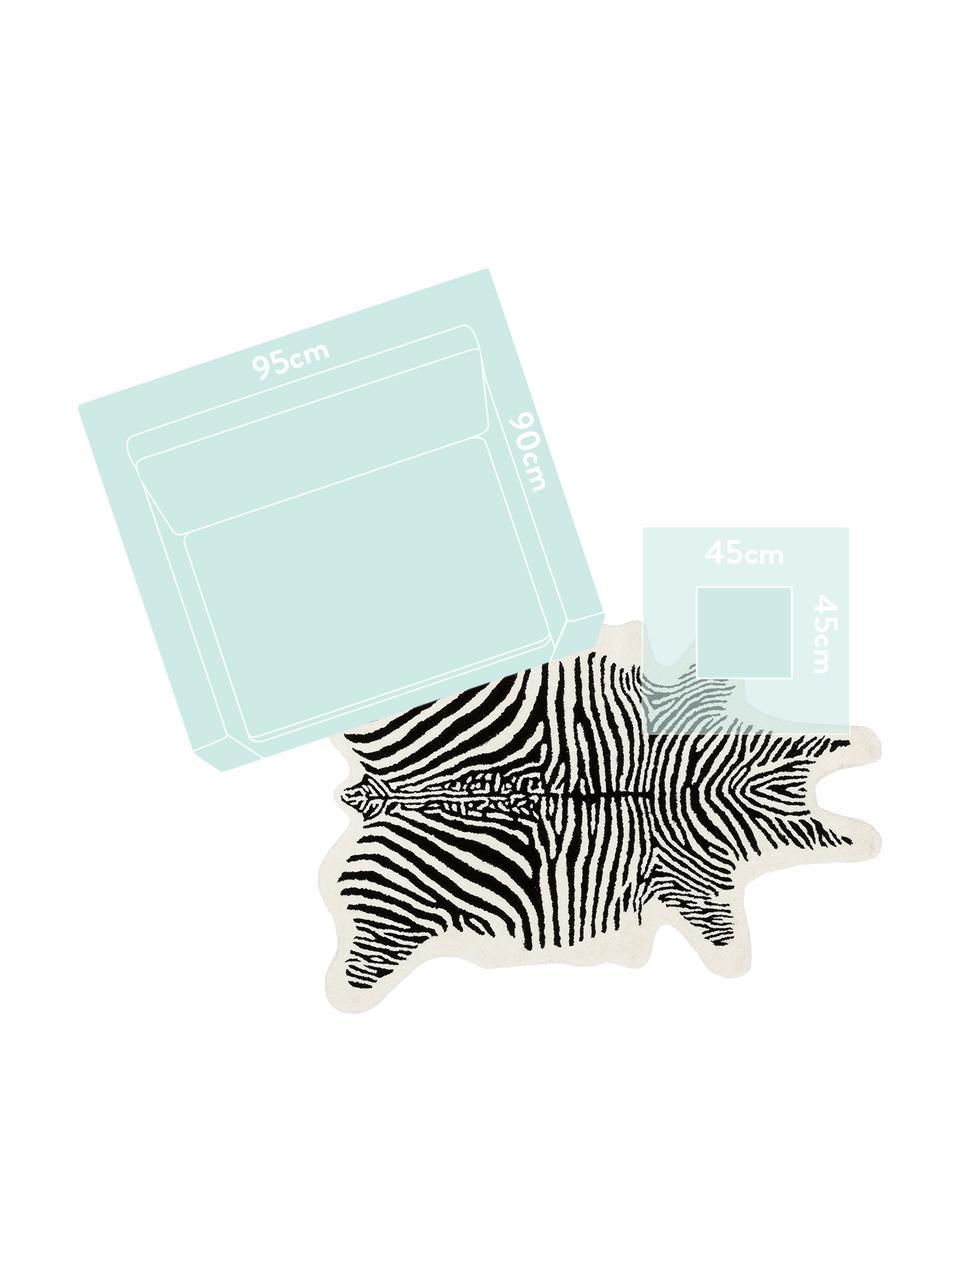 Tapis en laine noir tufté main Savanna Zebra, Noir, crème